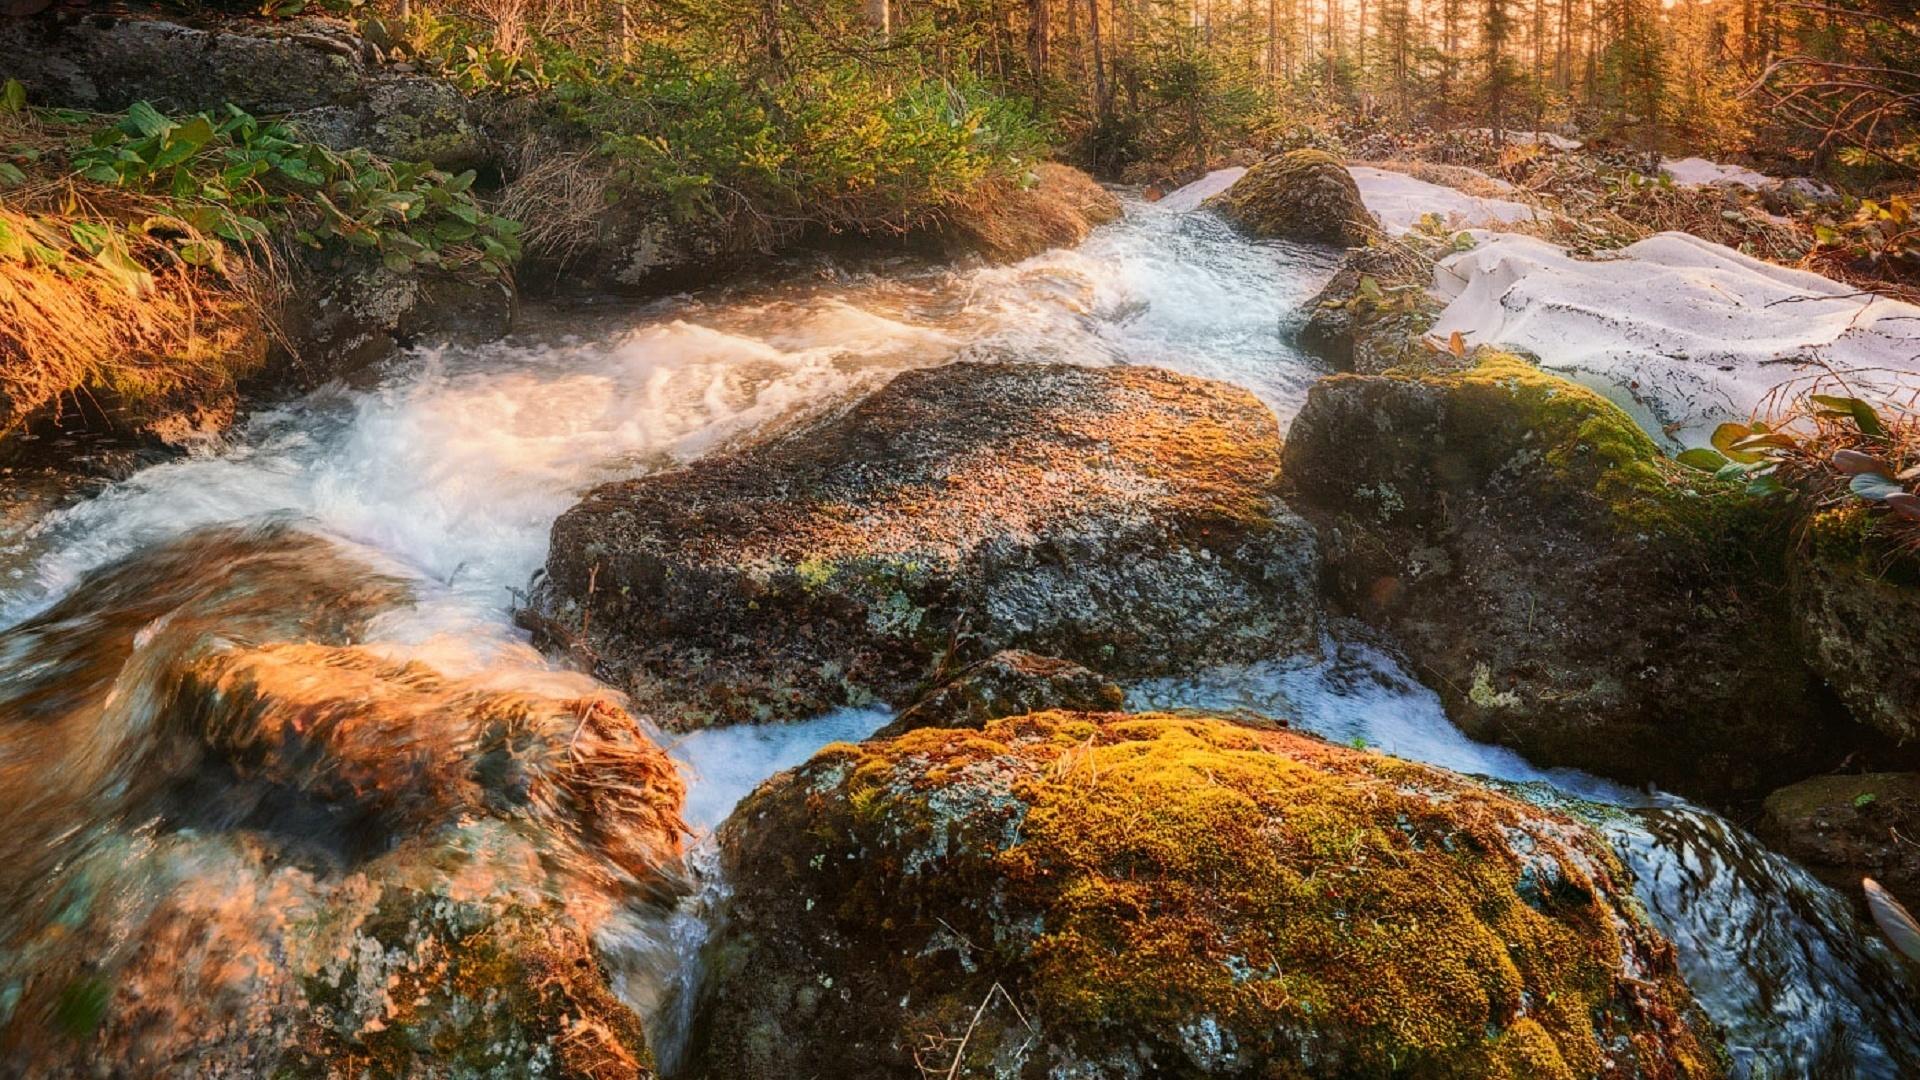 западные саяны, парк ергаки, озеро, закат, лазурное, покой, ручей, рафаэль гатиятуллин